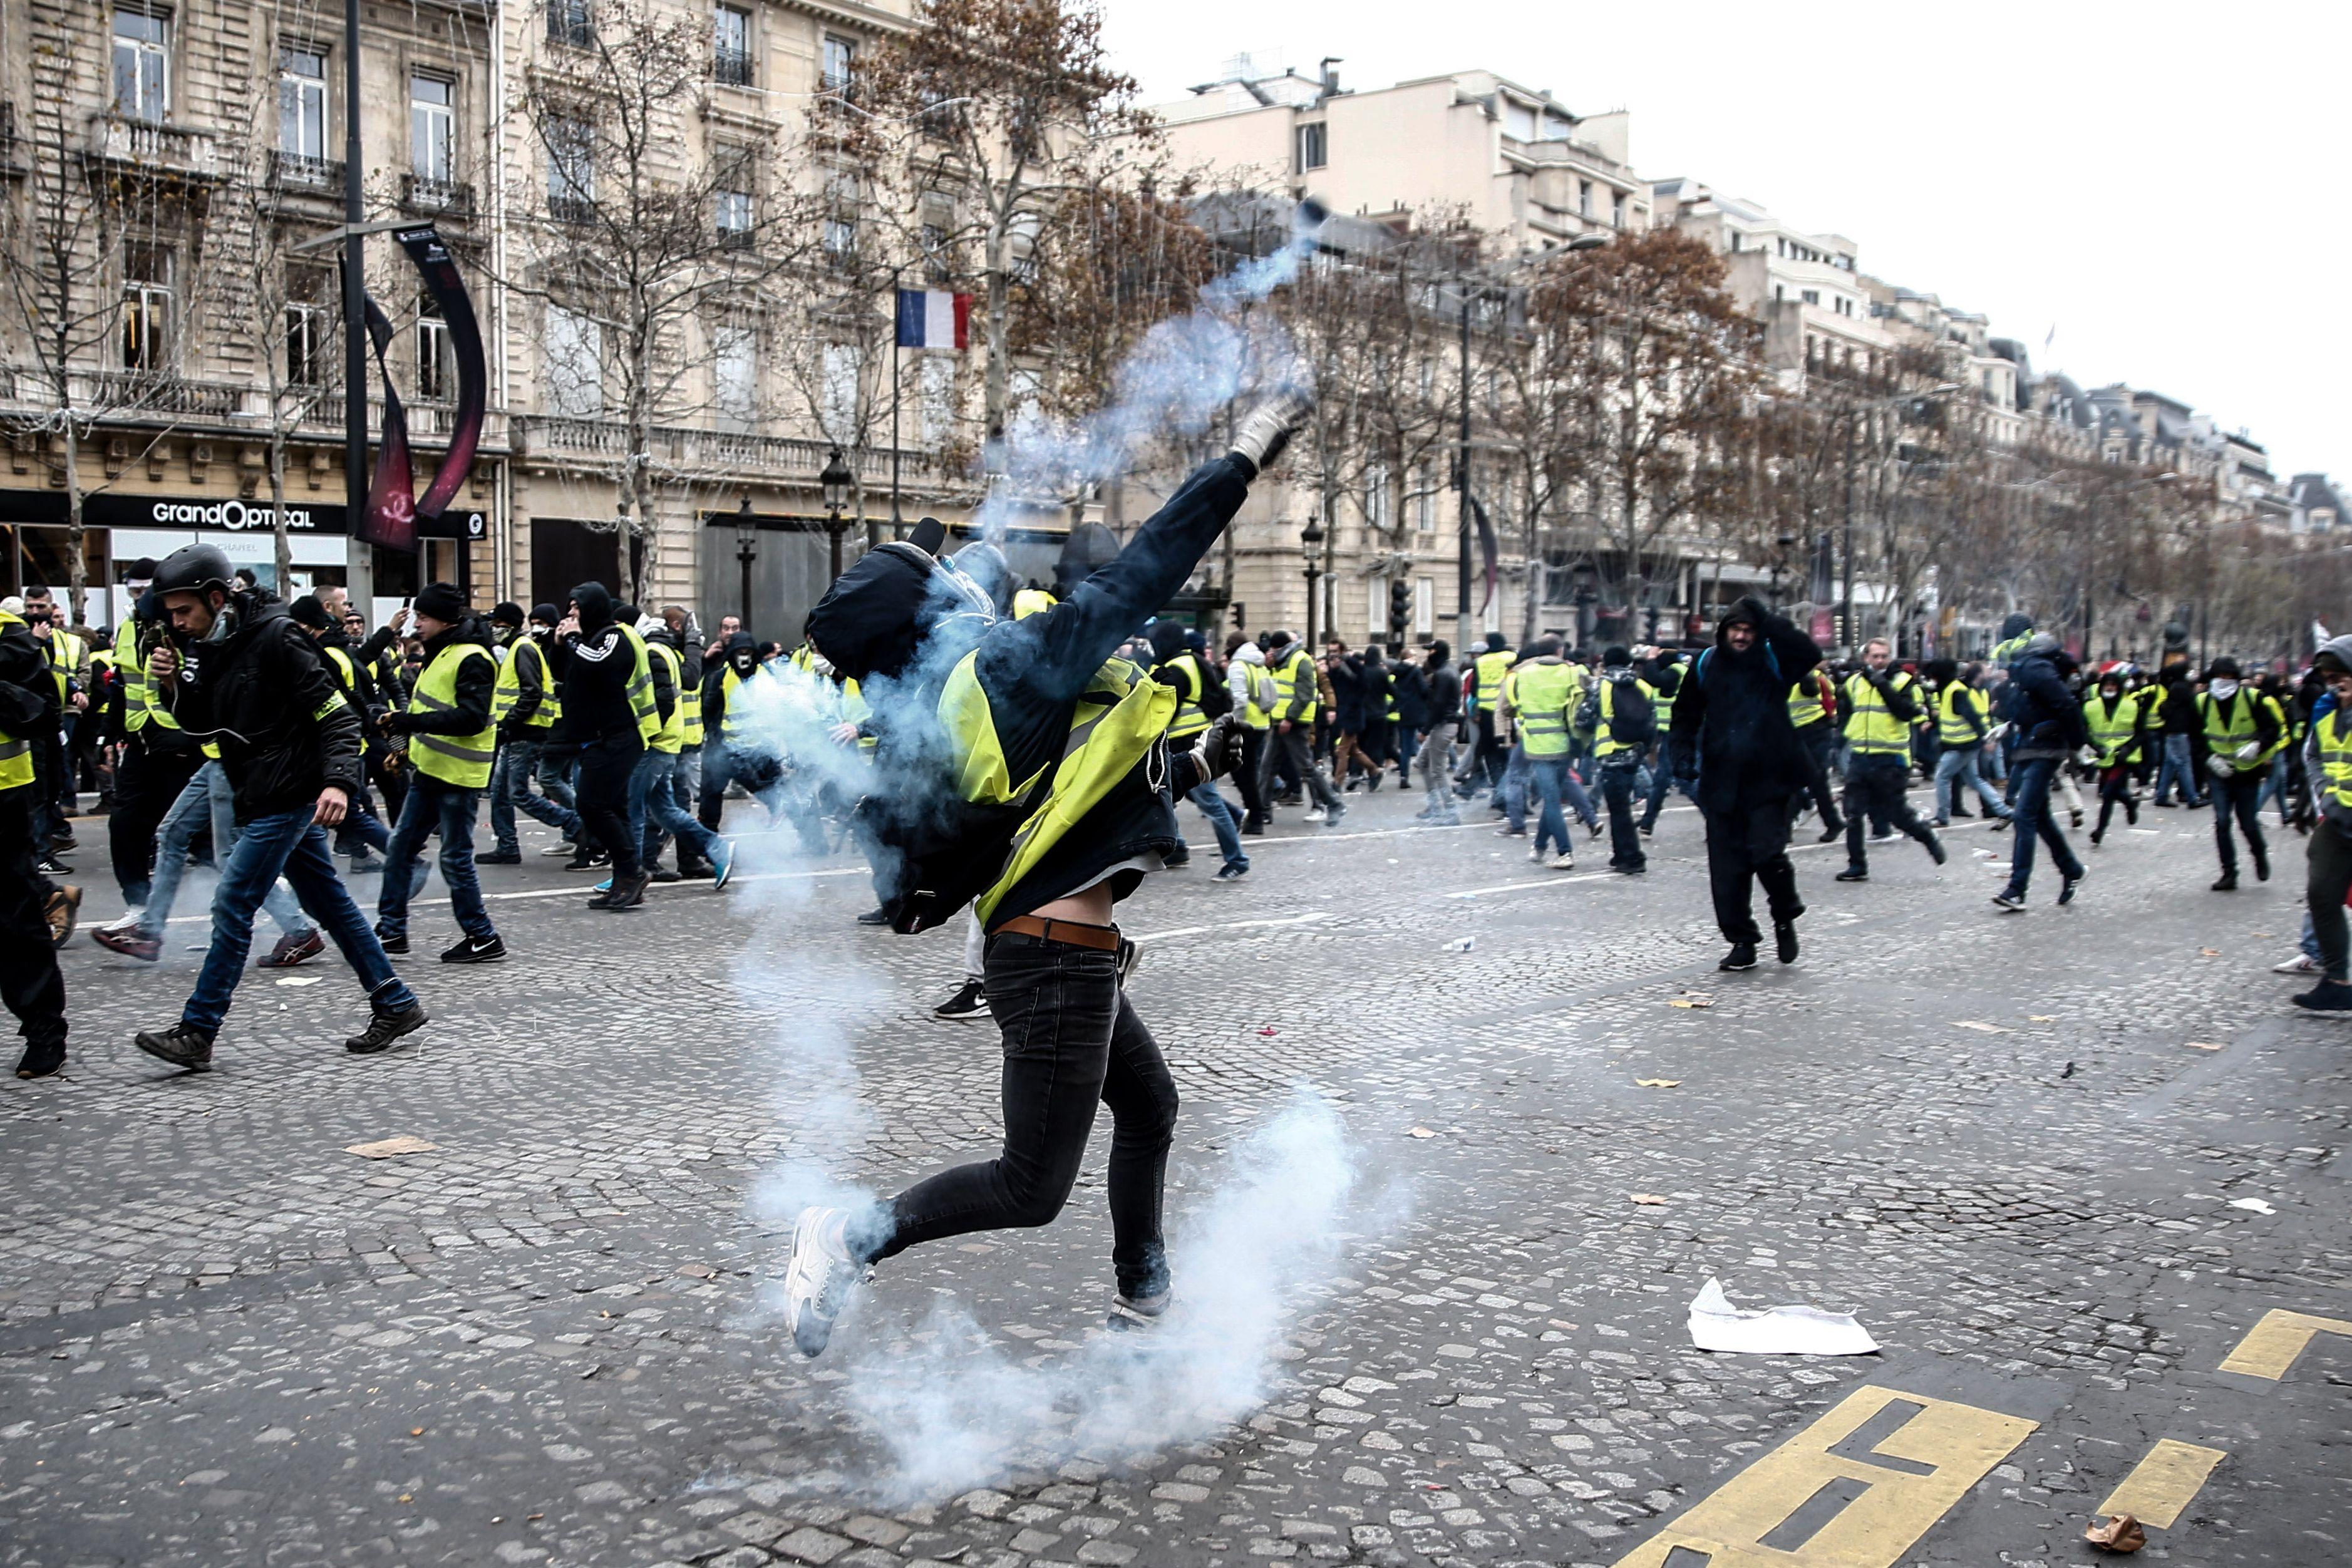 2018年12月8日,示威者在巴黎香榭麗舍大街上與防暴警察衝突,向警察投擲催淚彈。